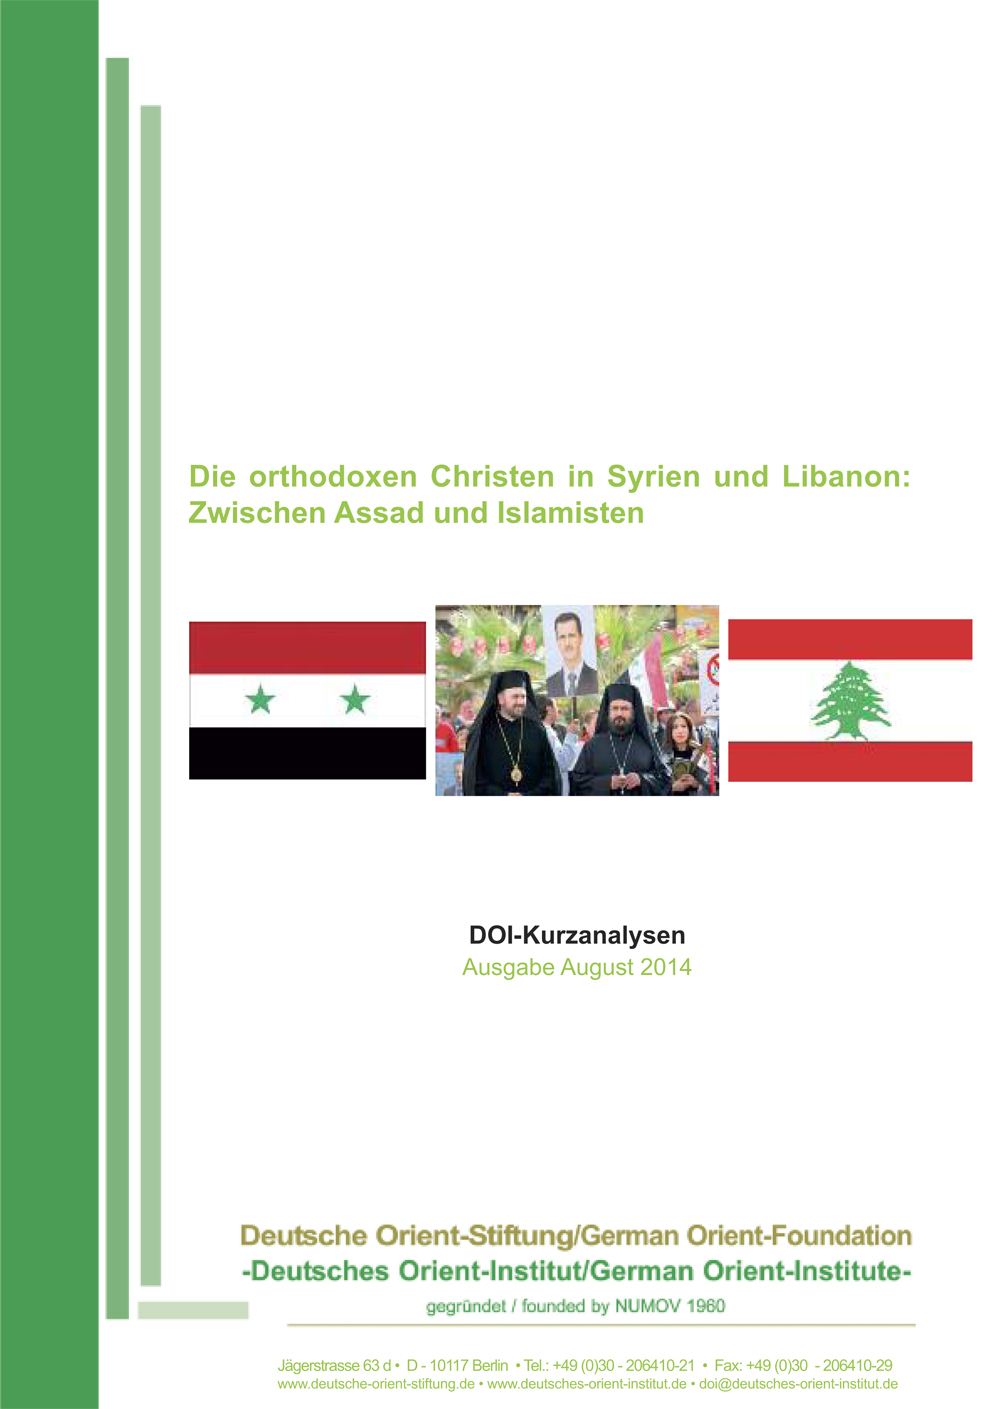 """Featured image for """"Die orthodoxen Christen in Syrien und Libanon: Zwischen Assad und Islamisten"""""""